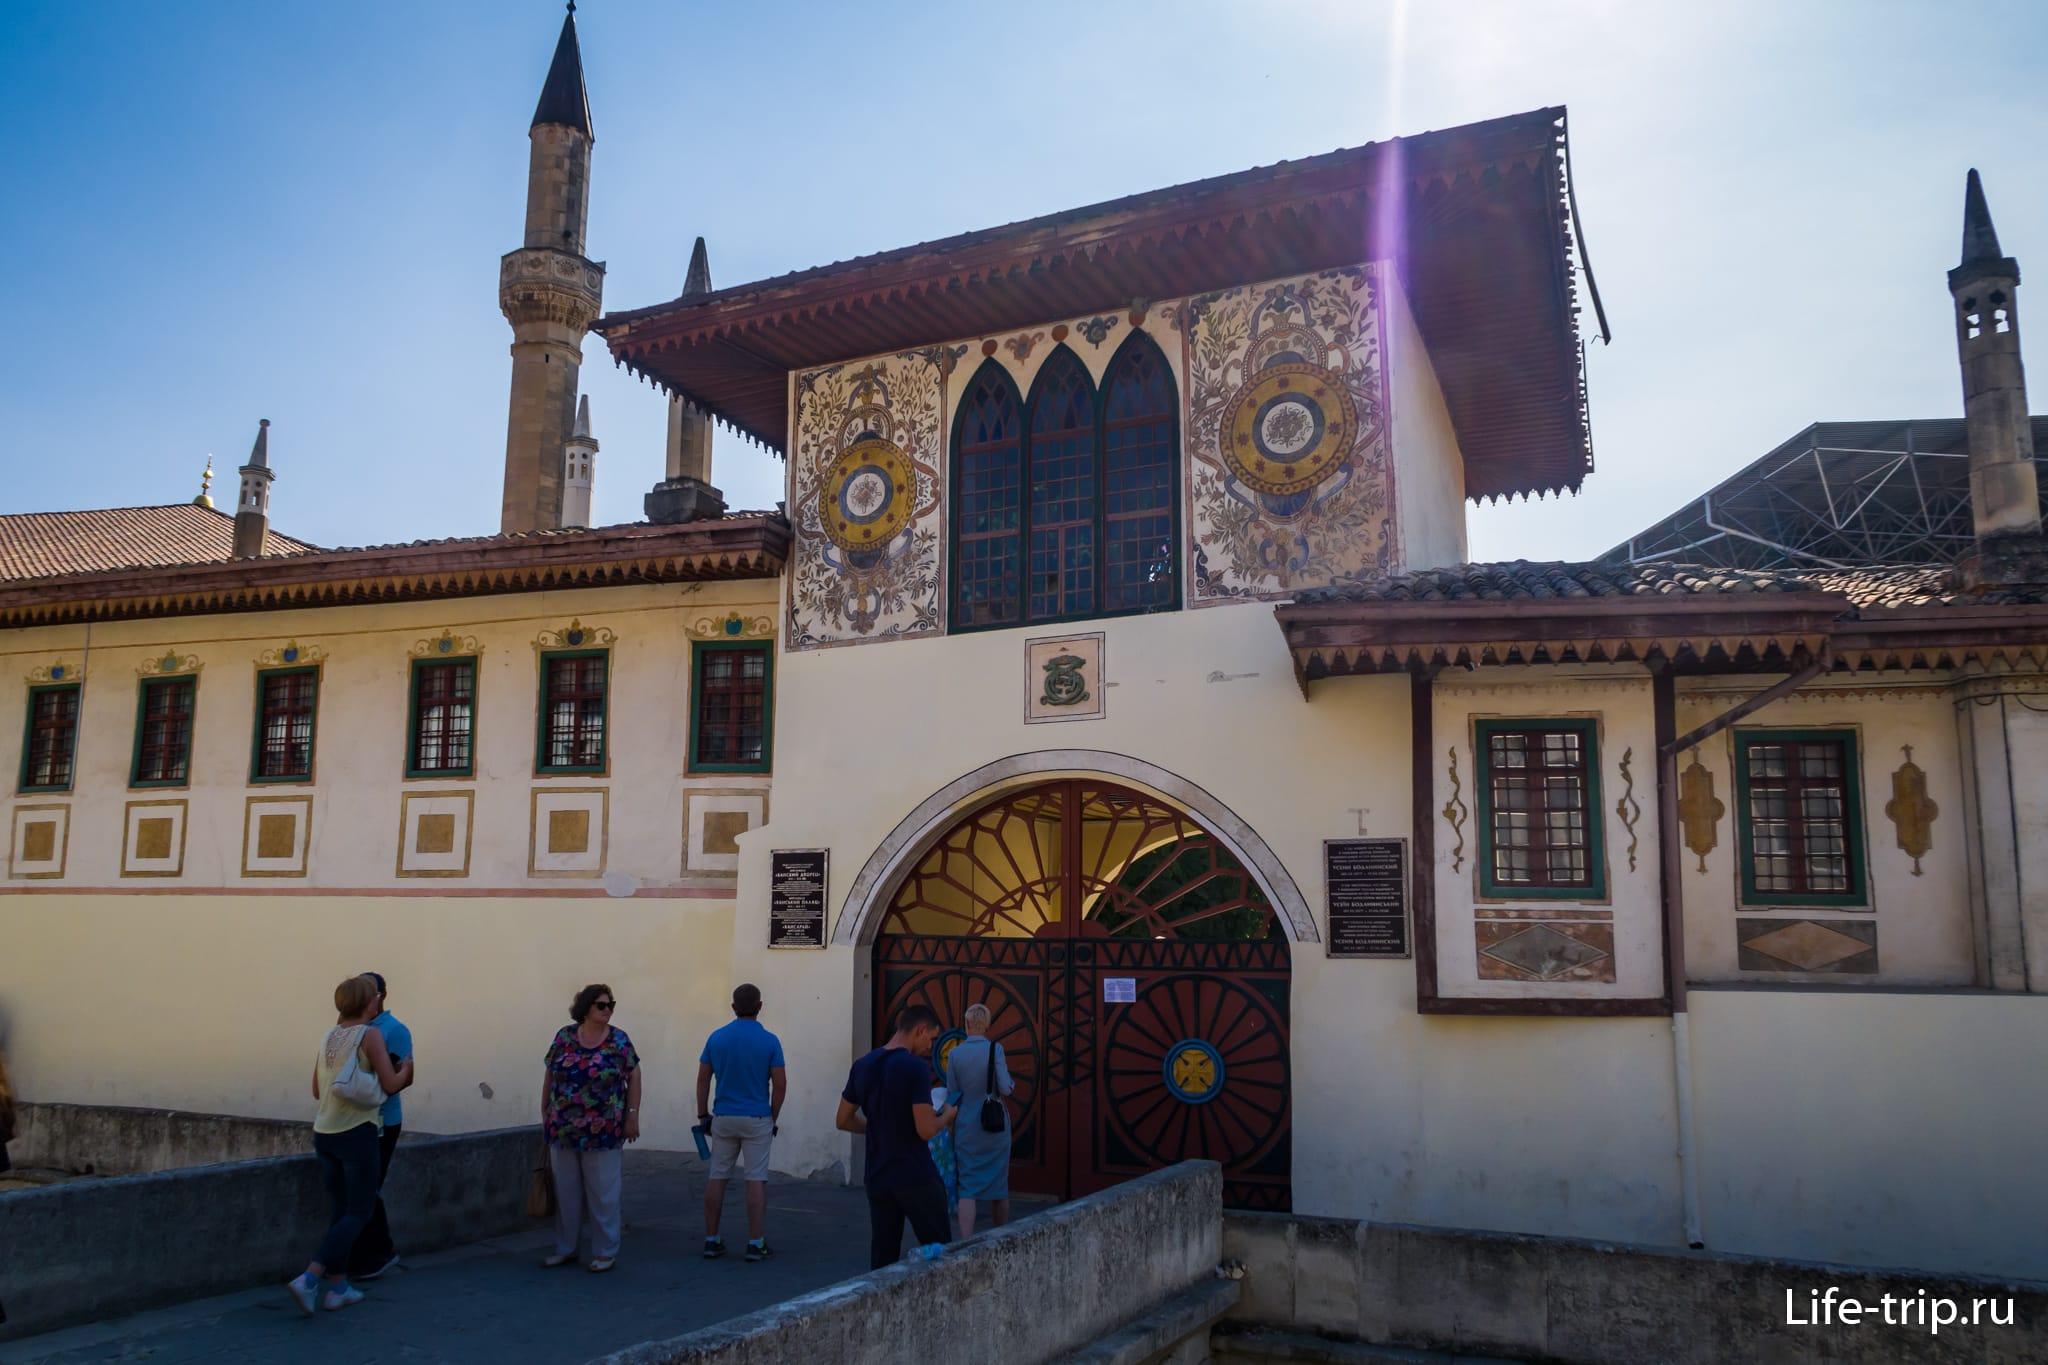 Ханский дворец в Бахчисарае, главные ворота